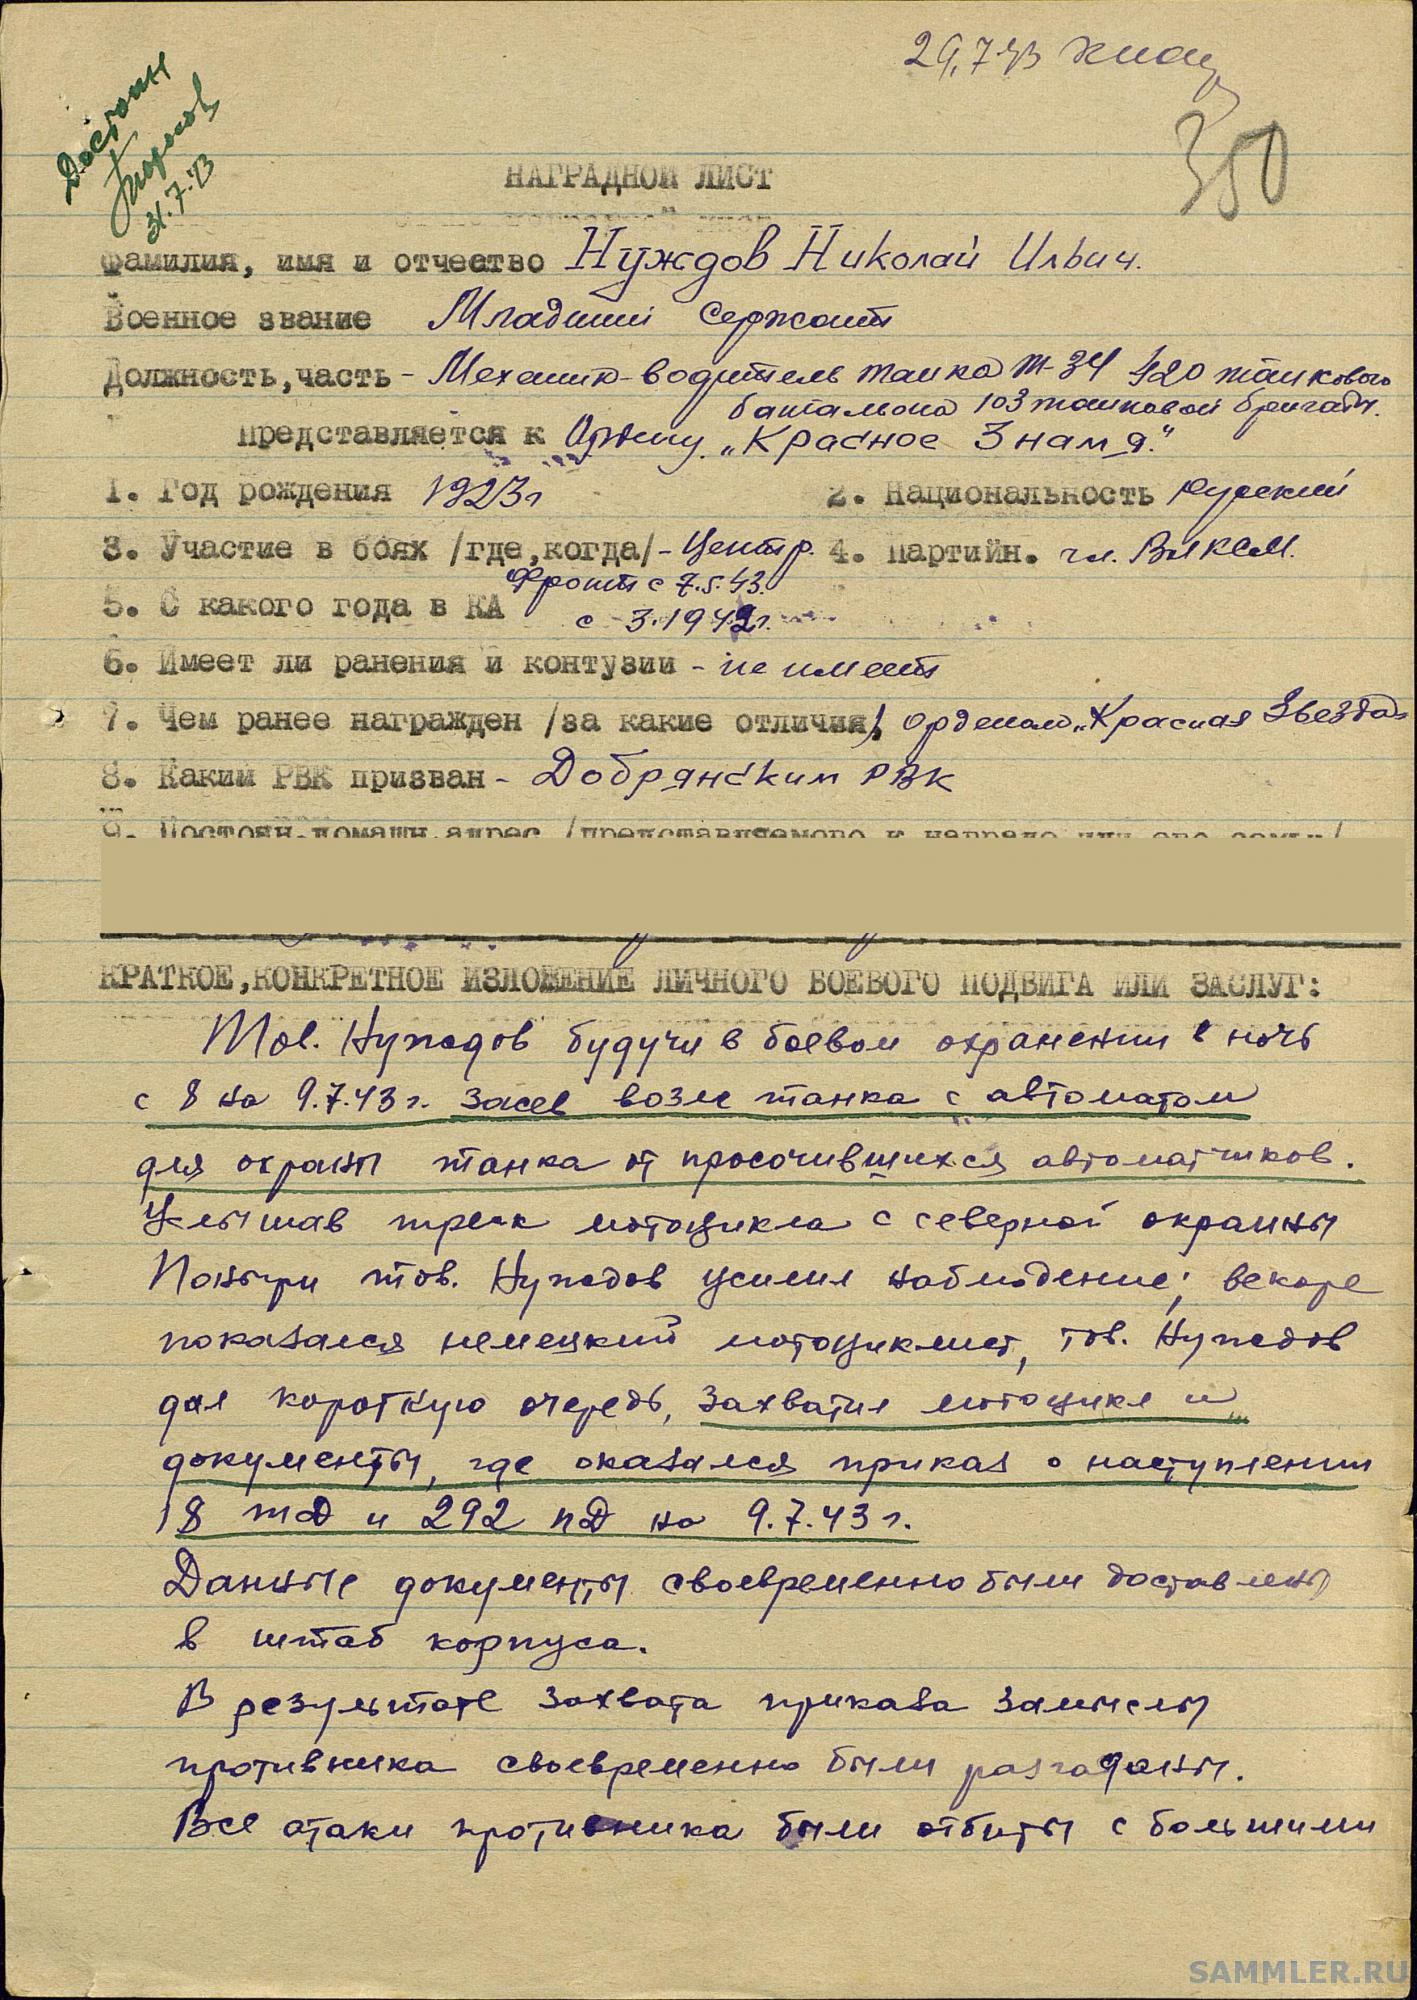 НУждов Николай Ильич ge.jpg